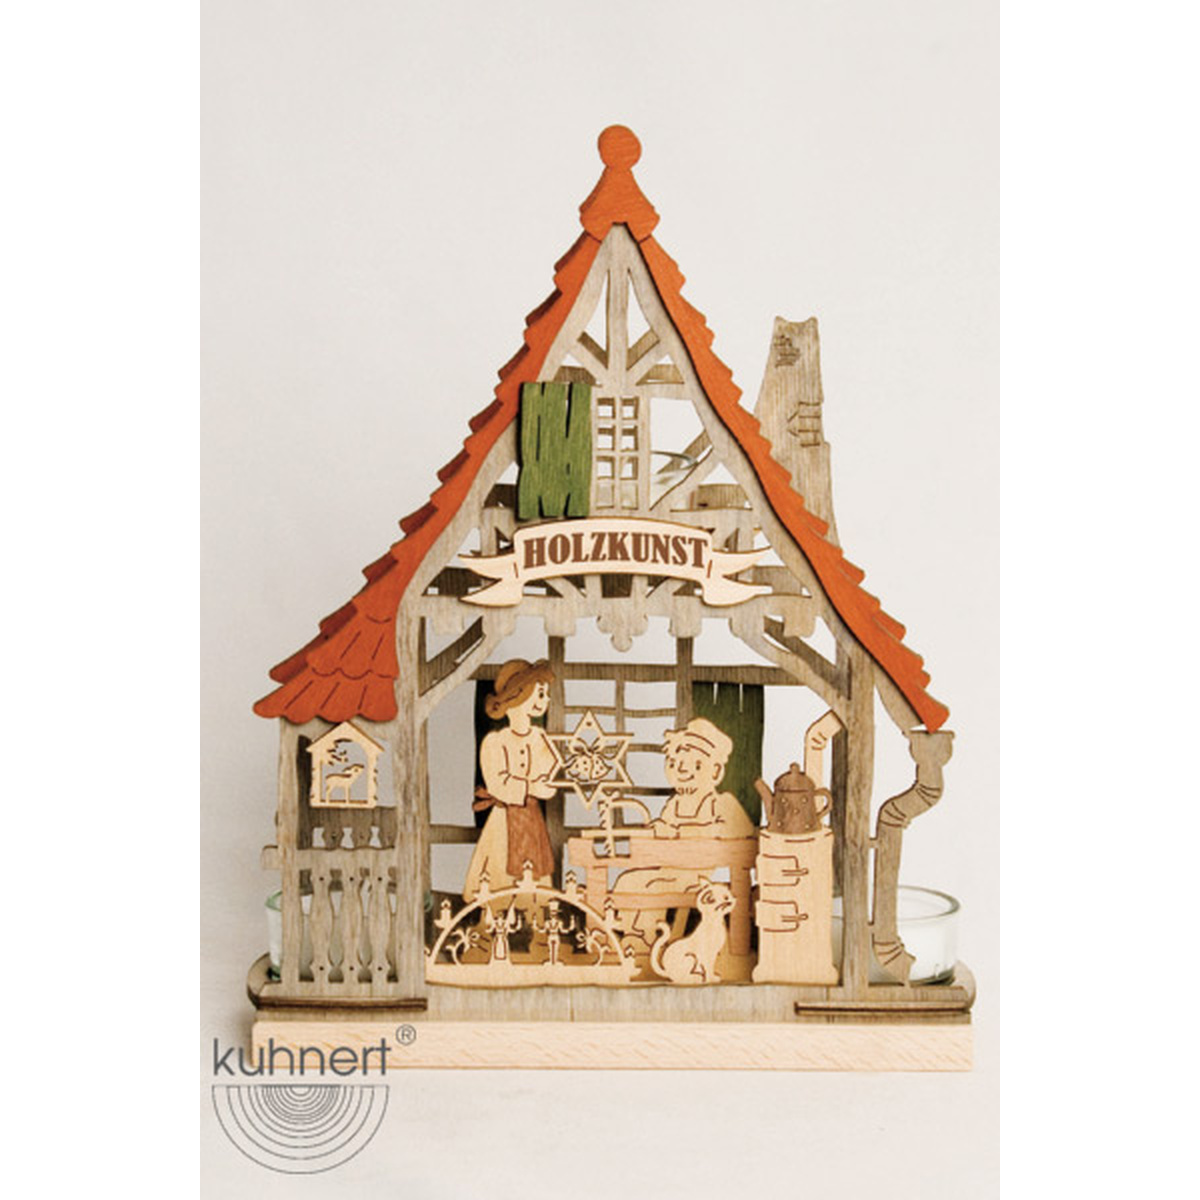 teelichthaus holzkunst stube von drechslerei kuhnert f r. Black Bedroom Furniture Sets. Home Design Ideas